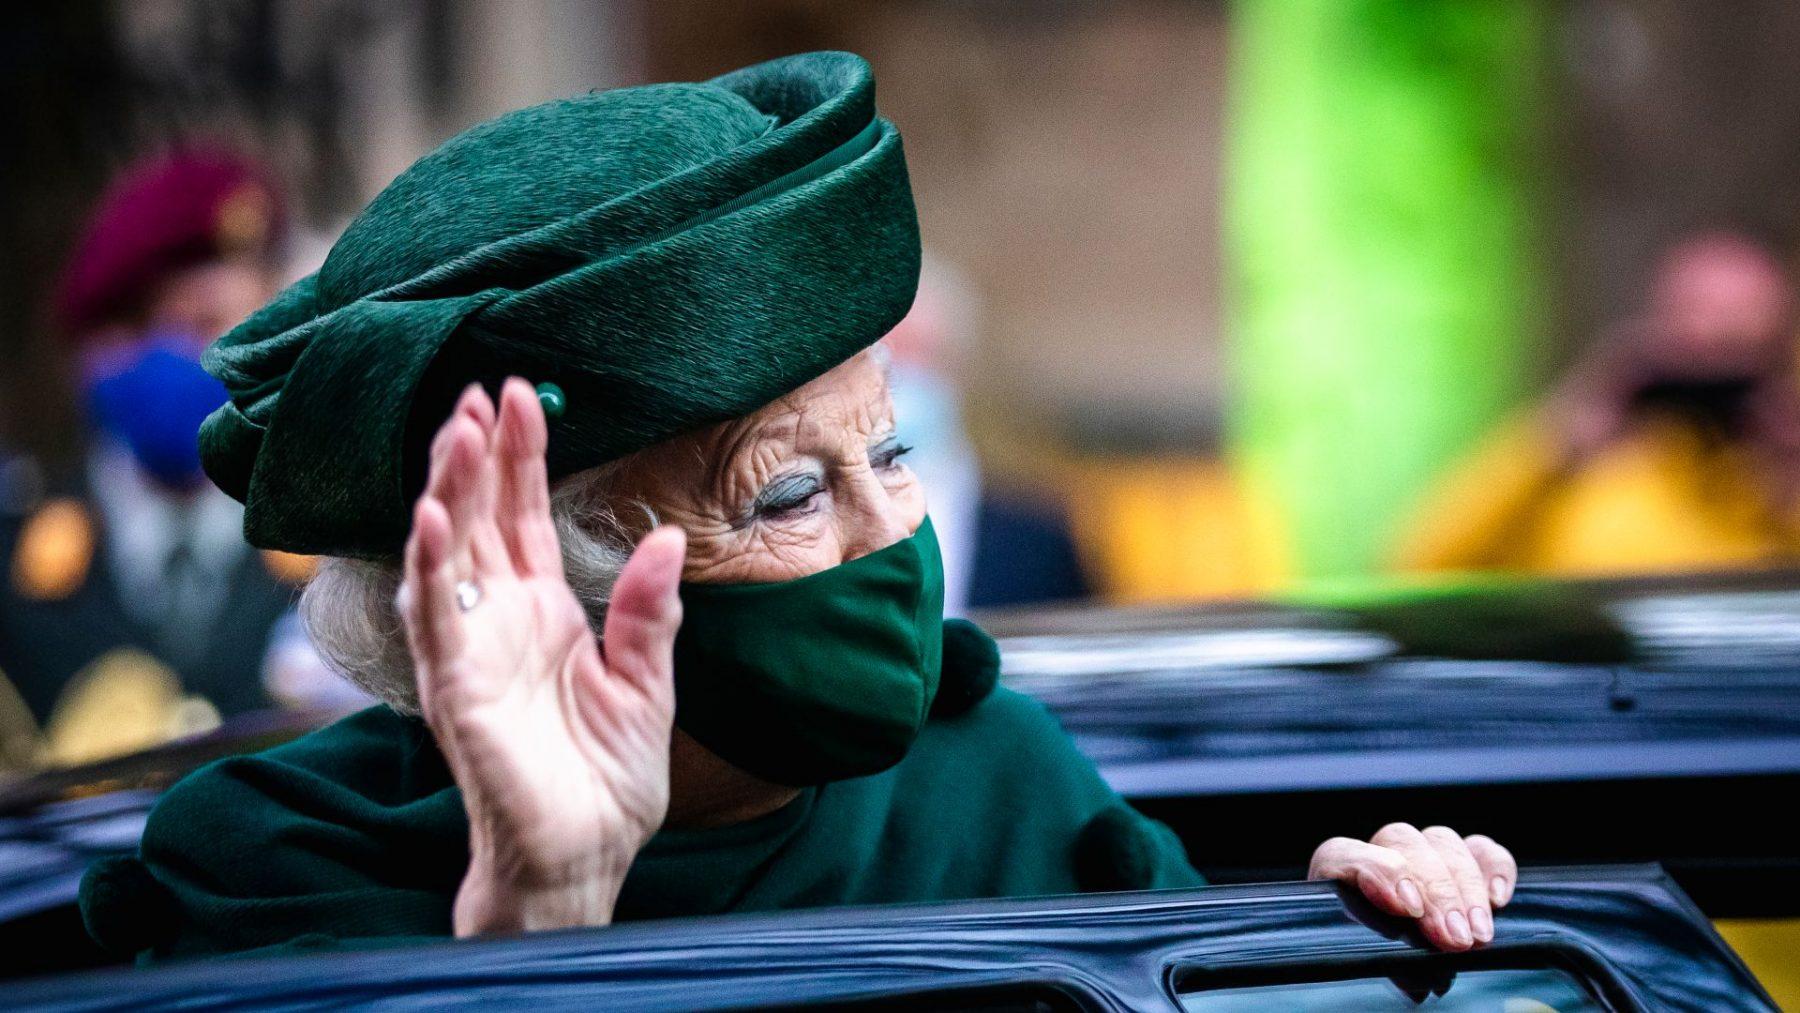 Beatrix brengt eerste publieke bezoek sinds zomer in stijlvol tenue met bijpassend mondmasker